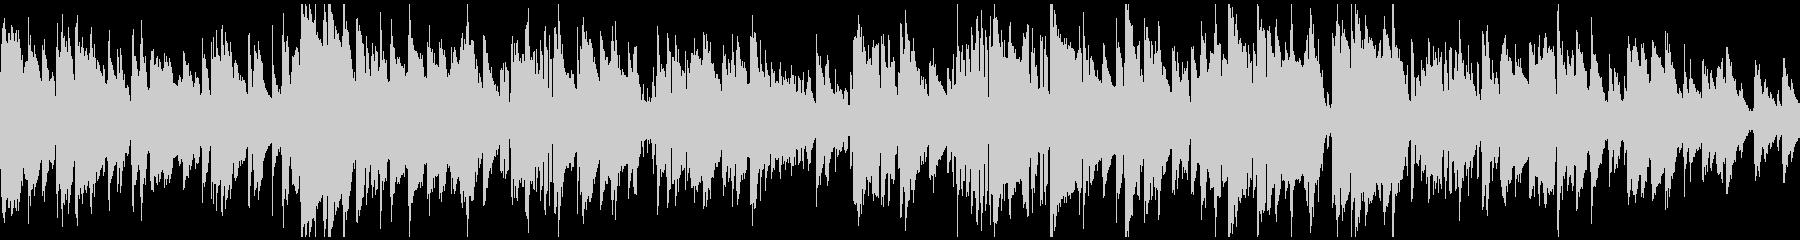 静かな大人の現代ジャズ、クール※ループ版の未再生の波形